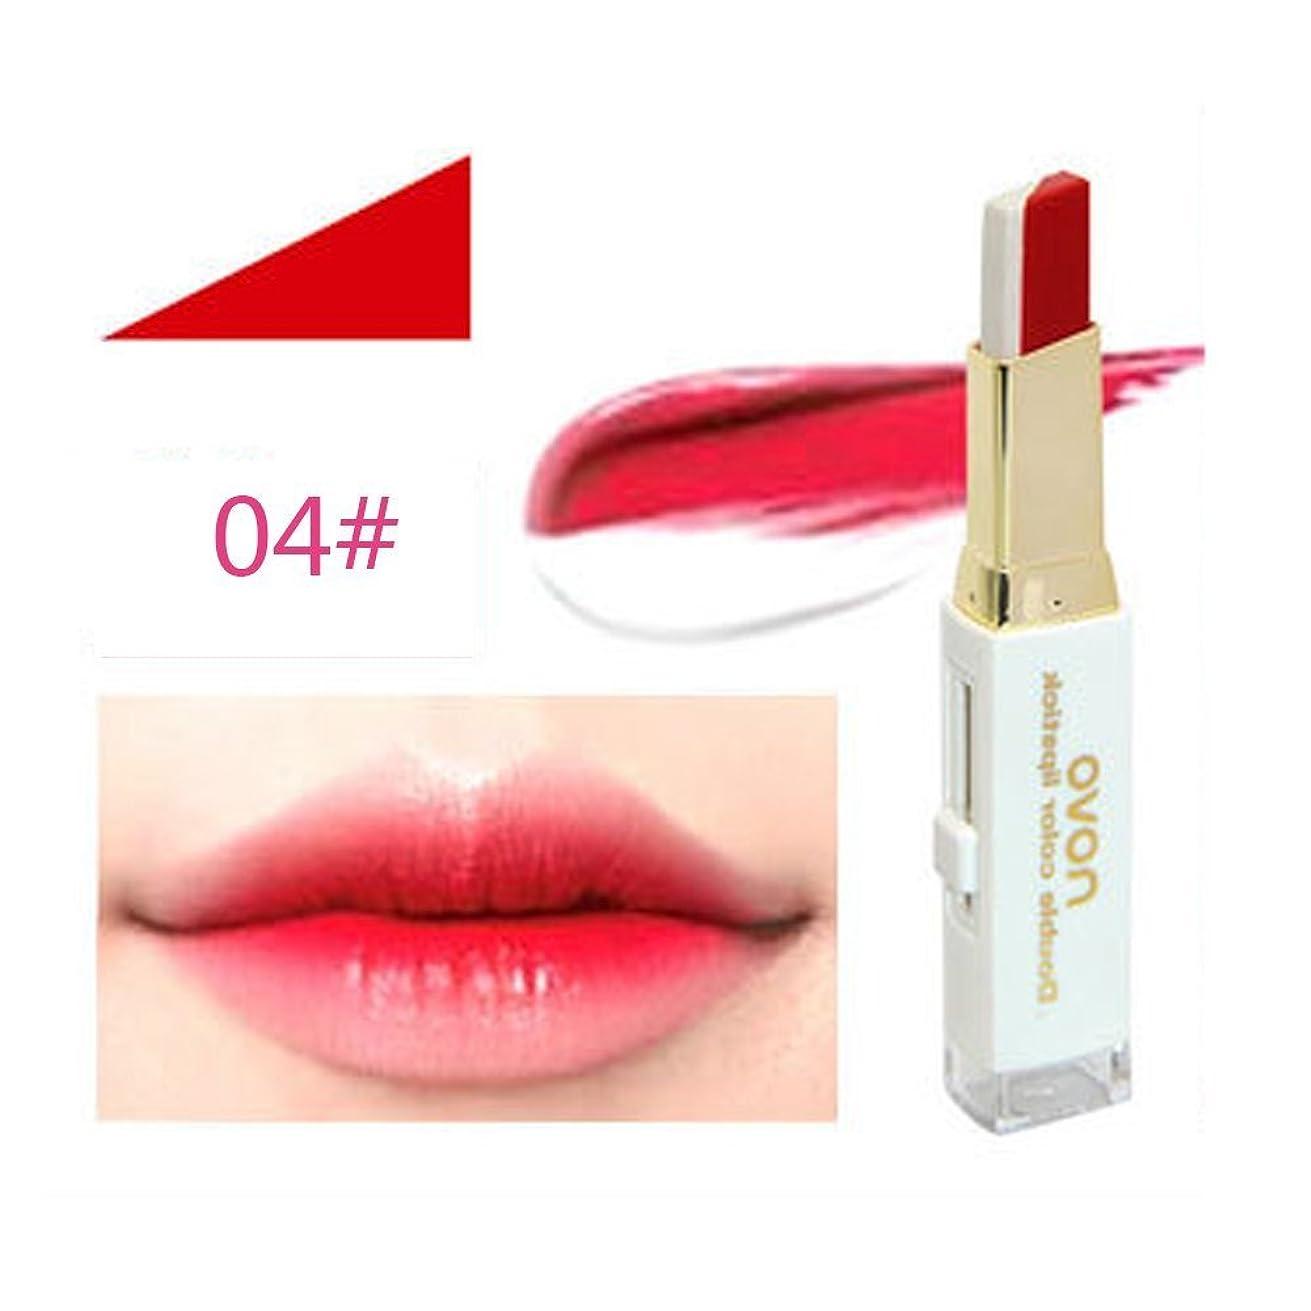 継続中ピンチトーン ティント 変色リップ グラデーション 人気 口紅 立体感 唇ケア 落ちにくい リップバーム 3.8g 全8色 (04)